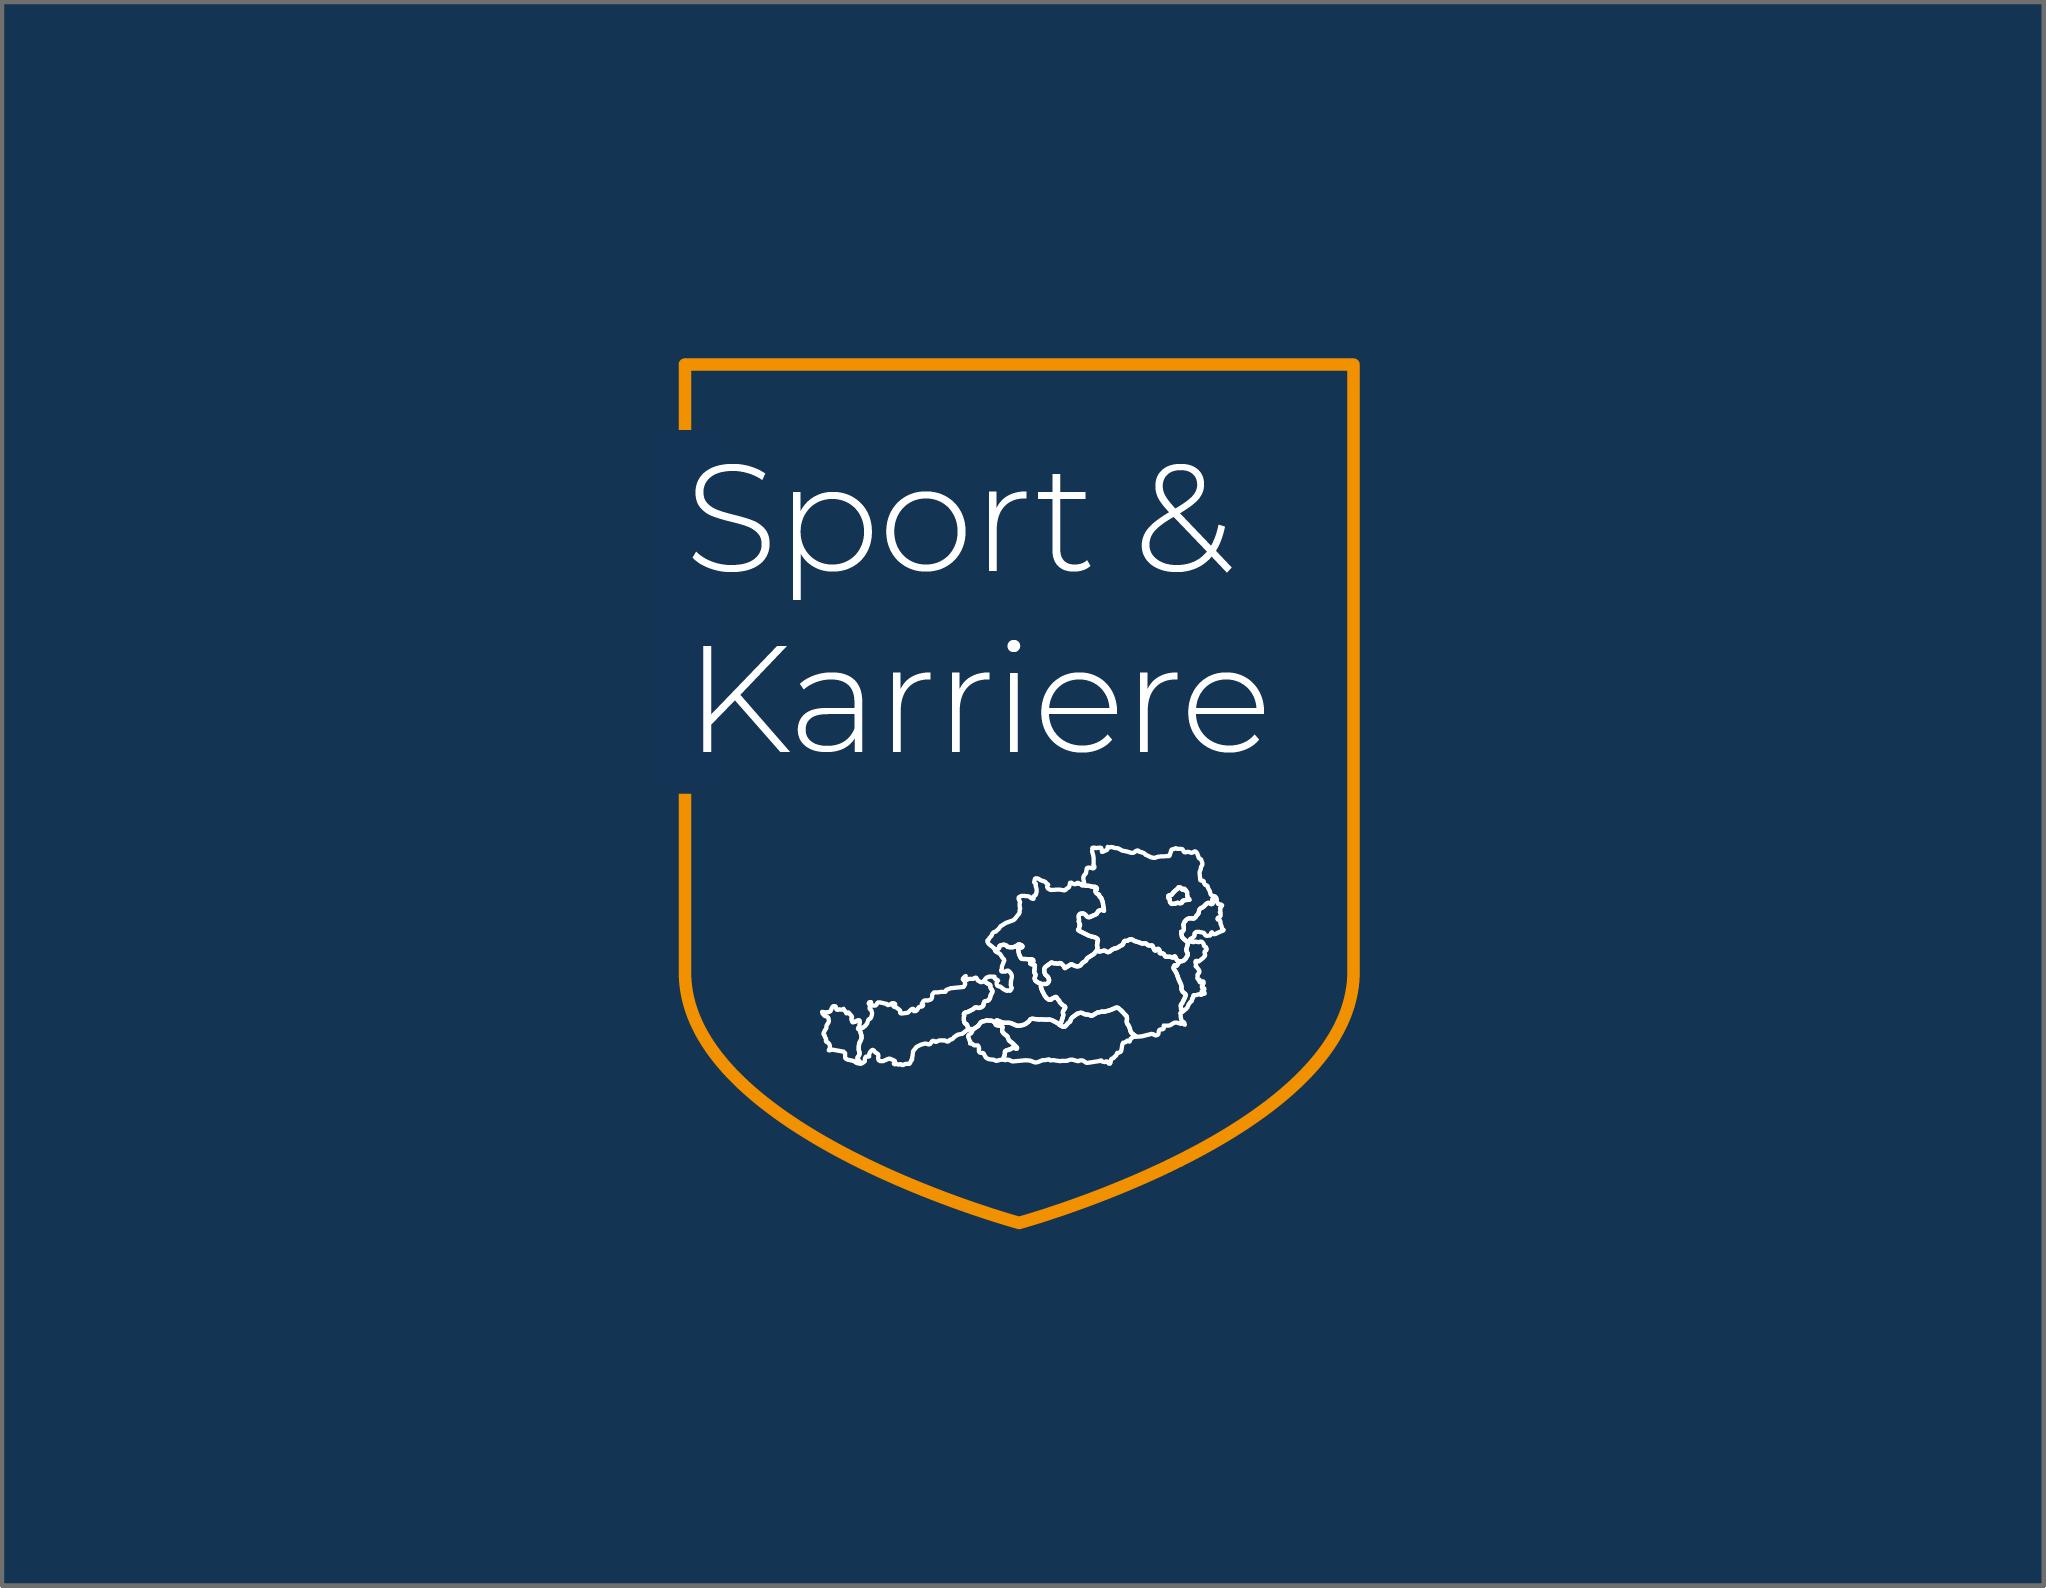 Beschäftigung in der Sportbranche